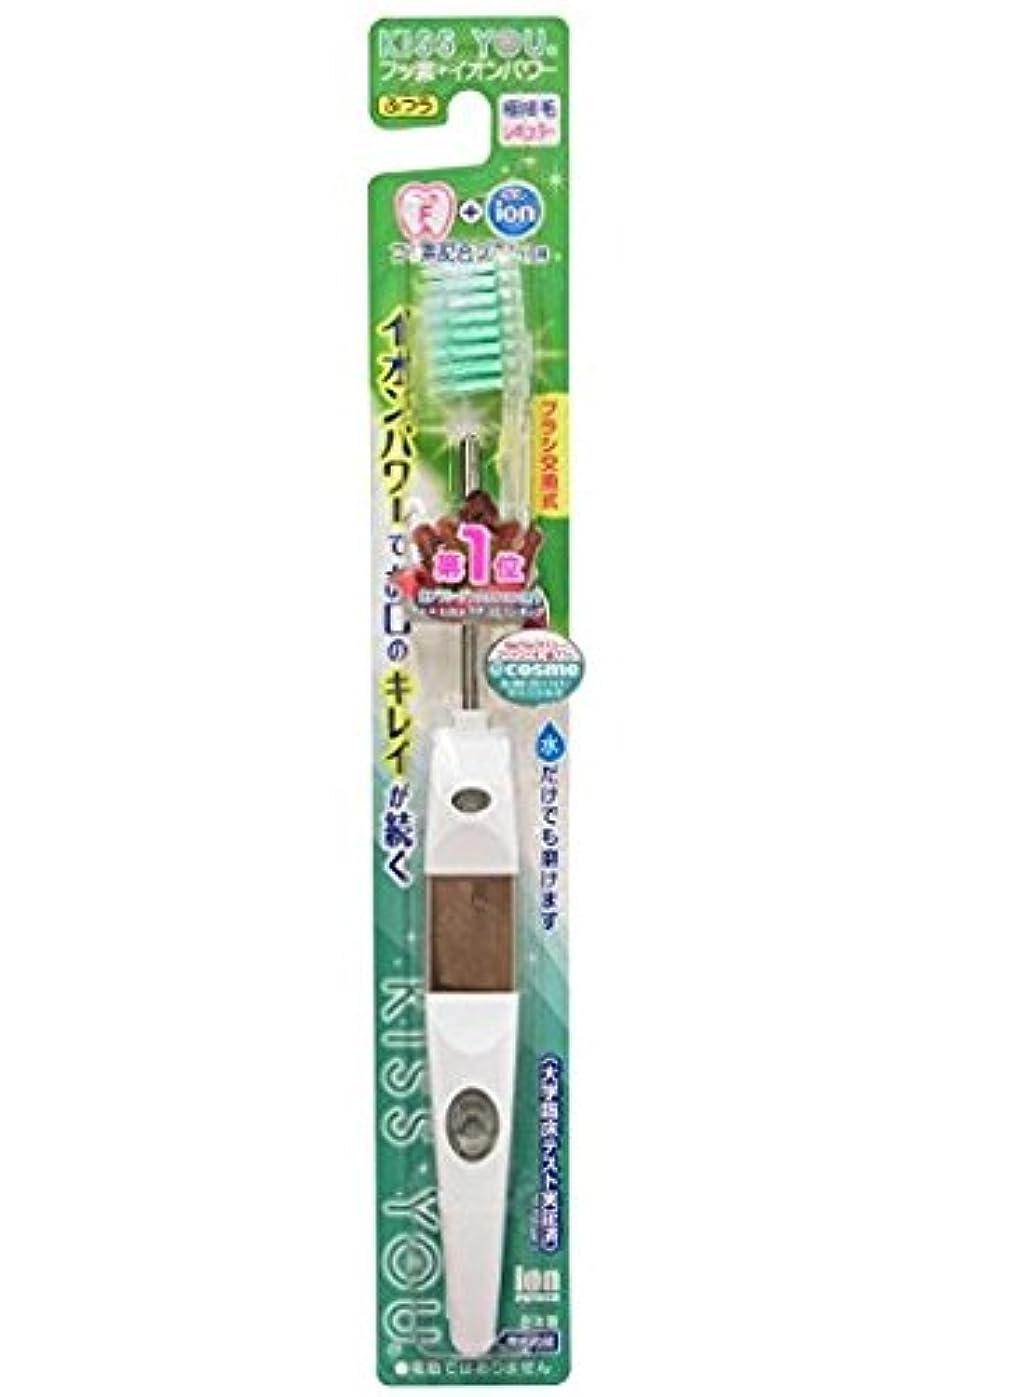 厚いカレッジ尊厳フッ素イオン歯ブラシ極細レギュラー本体ふつう × 5個セット